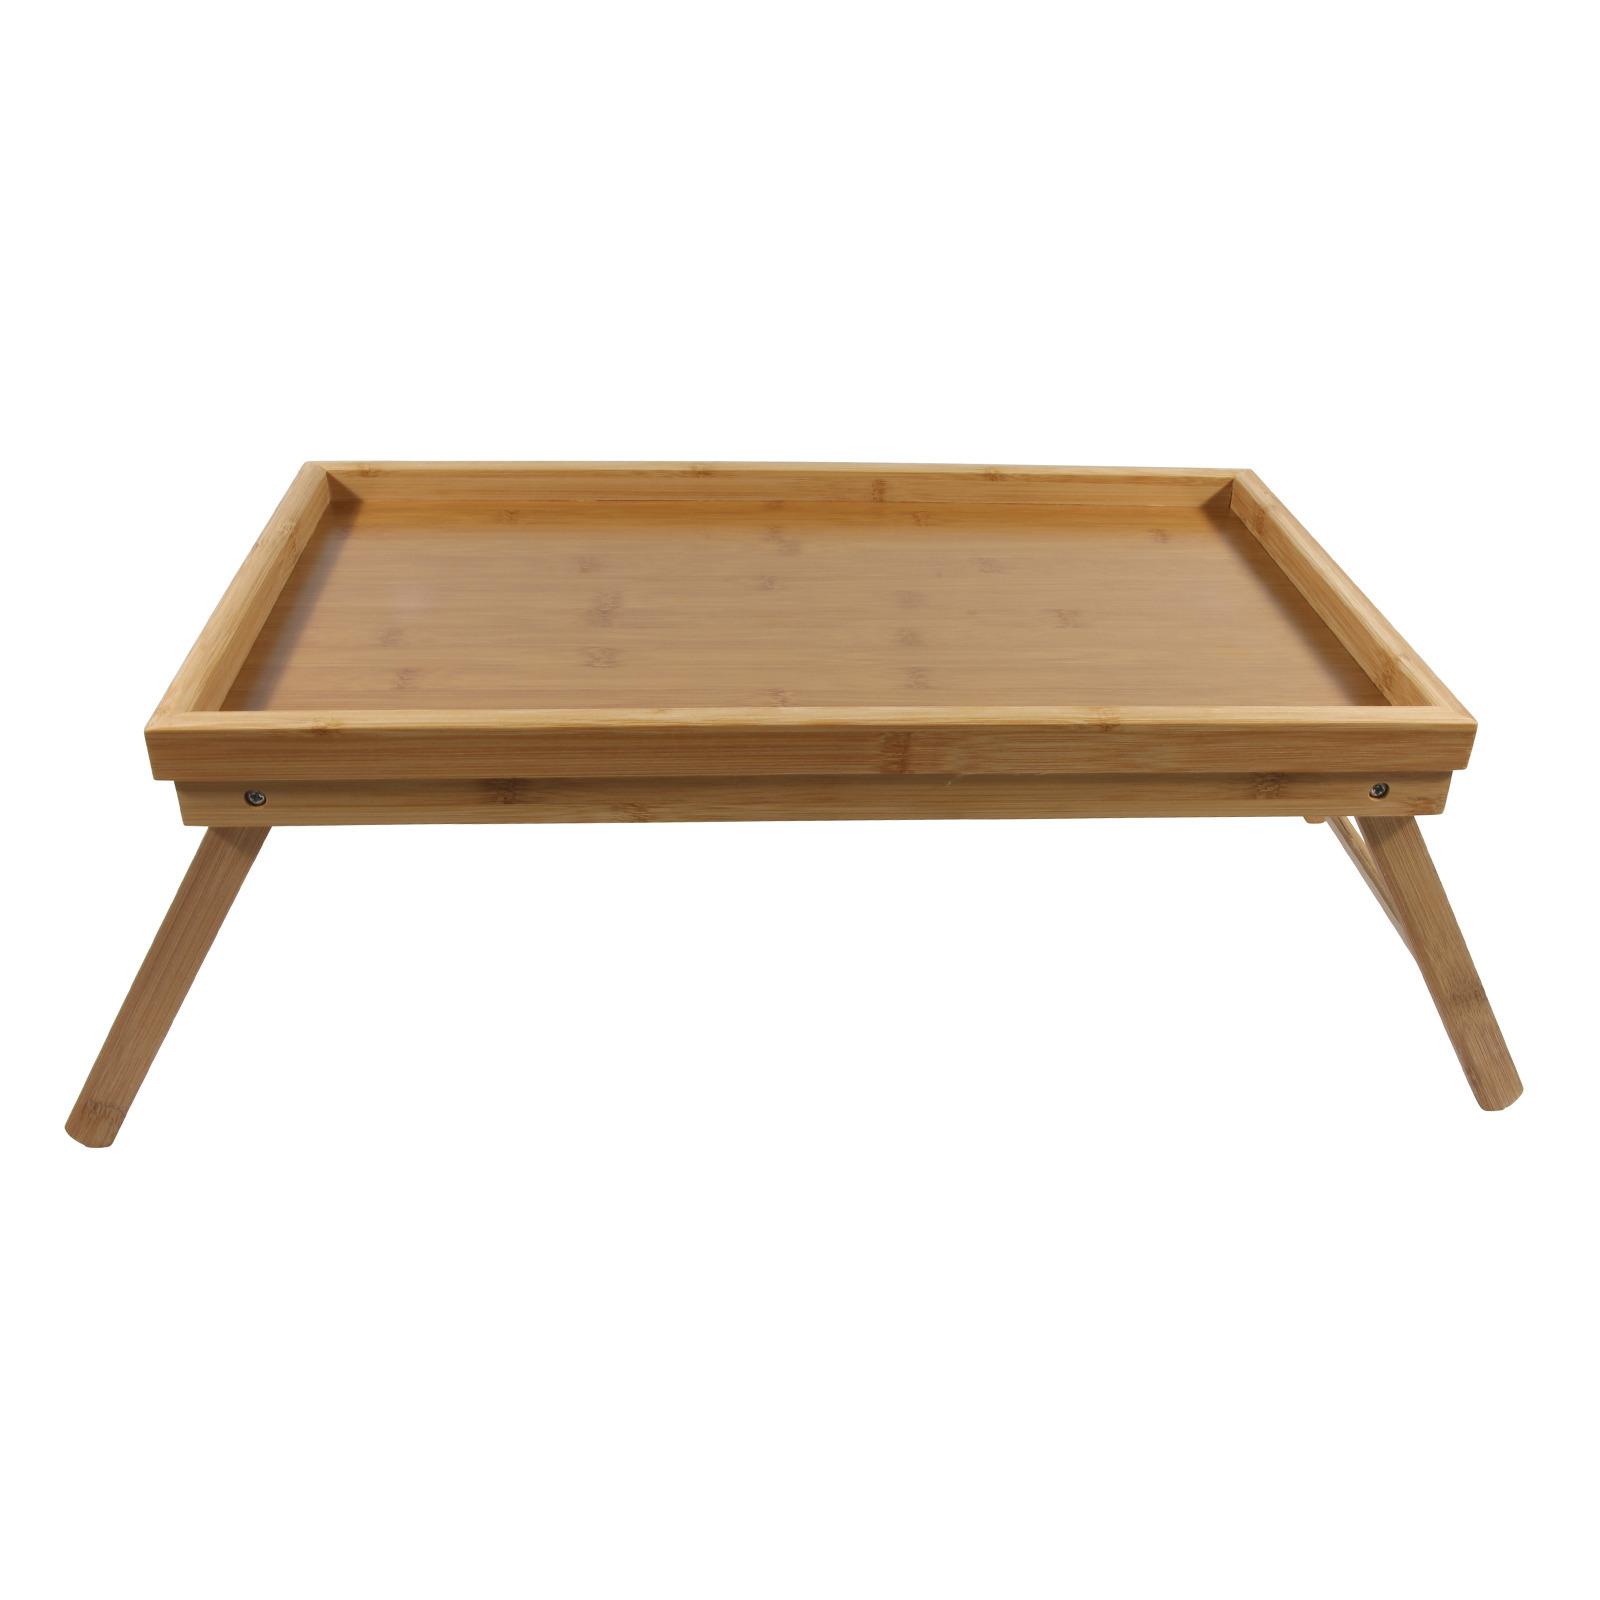 1x bamboe ontbijt/bedtafelen/tafeltjes 50 x 30 cm